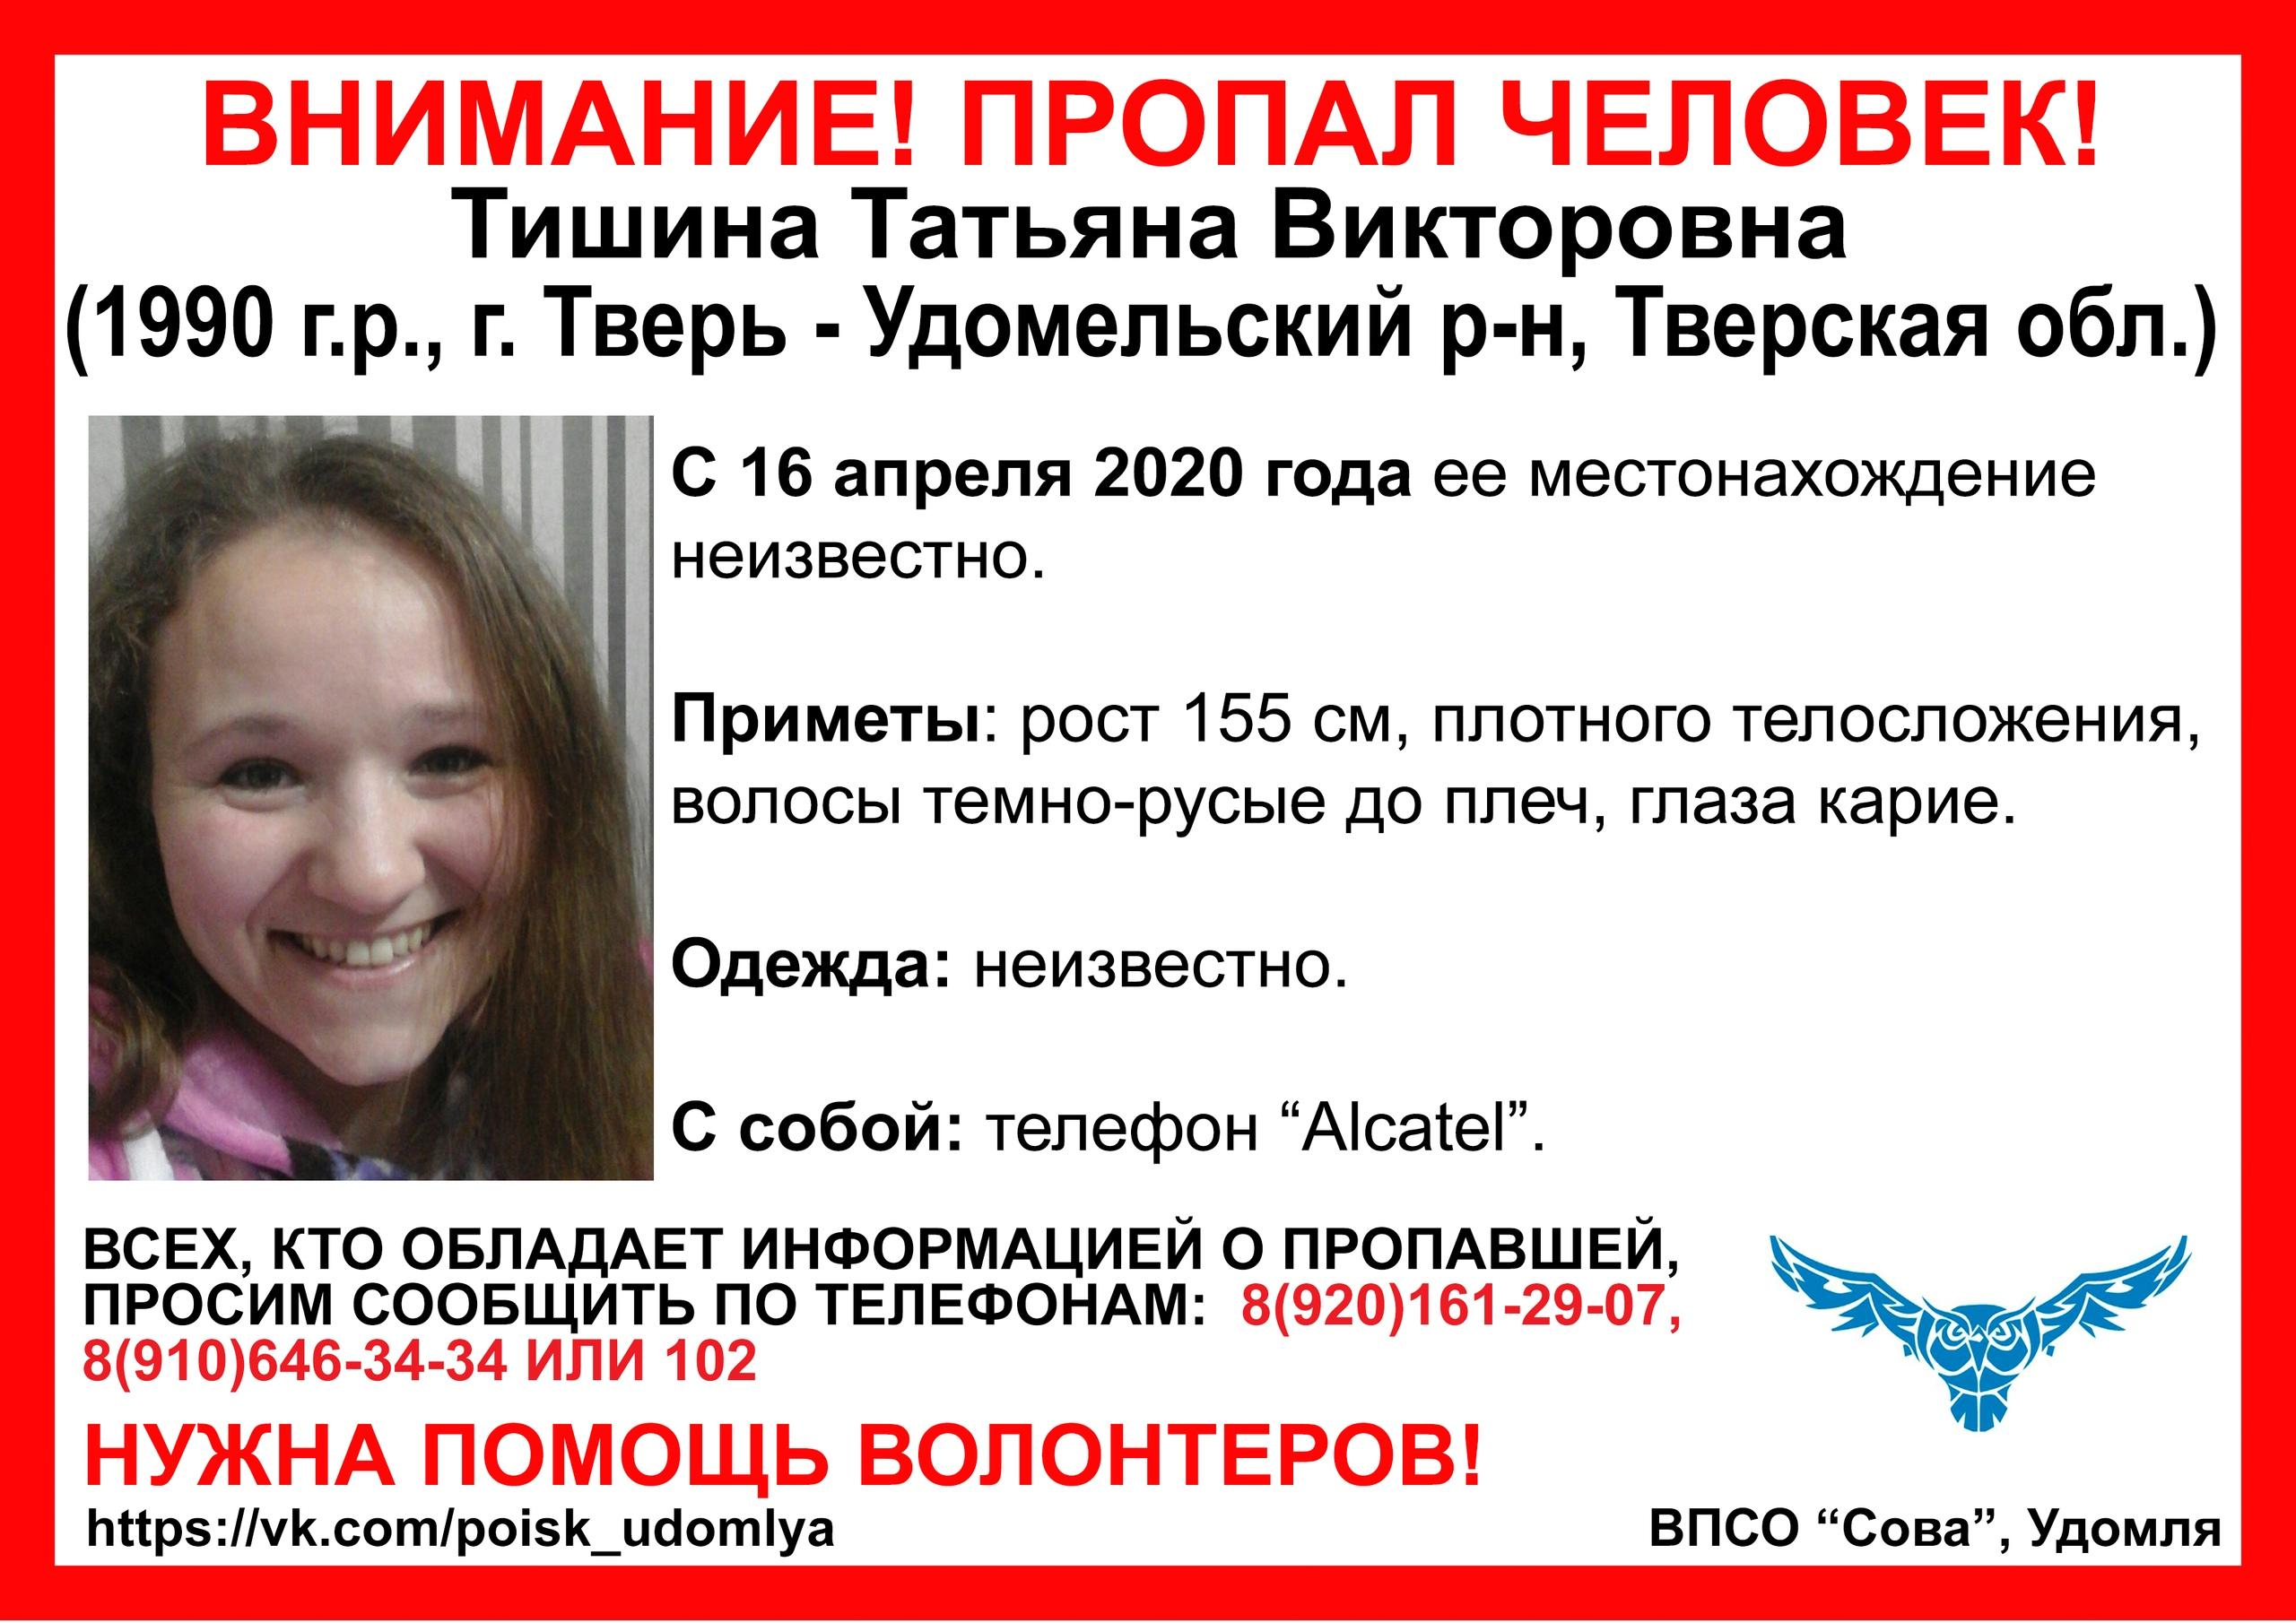 30-летнюю девушку разыскивают в Тверской области